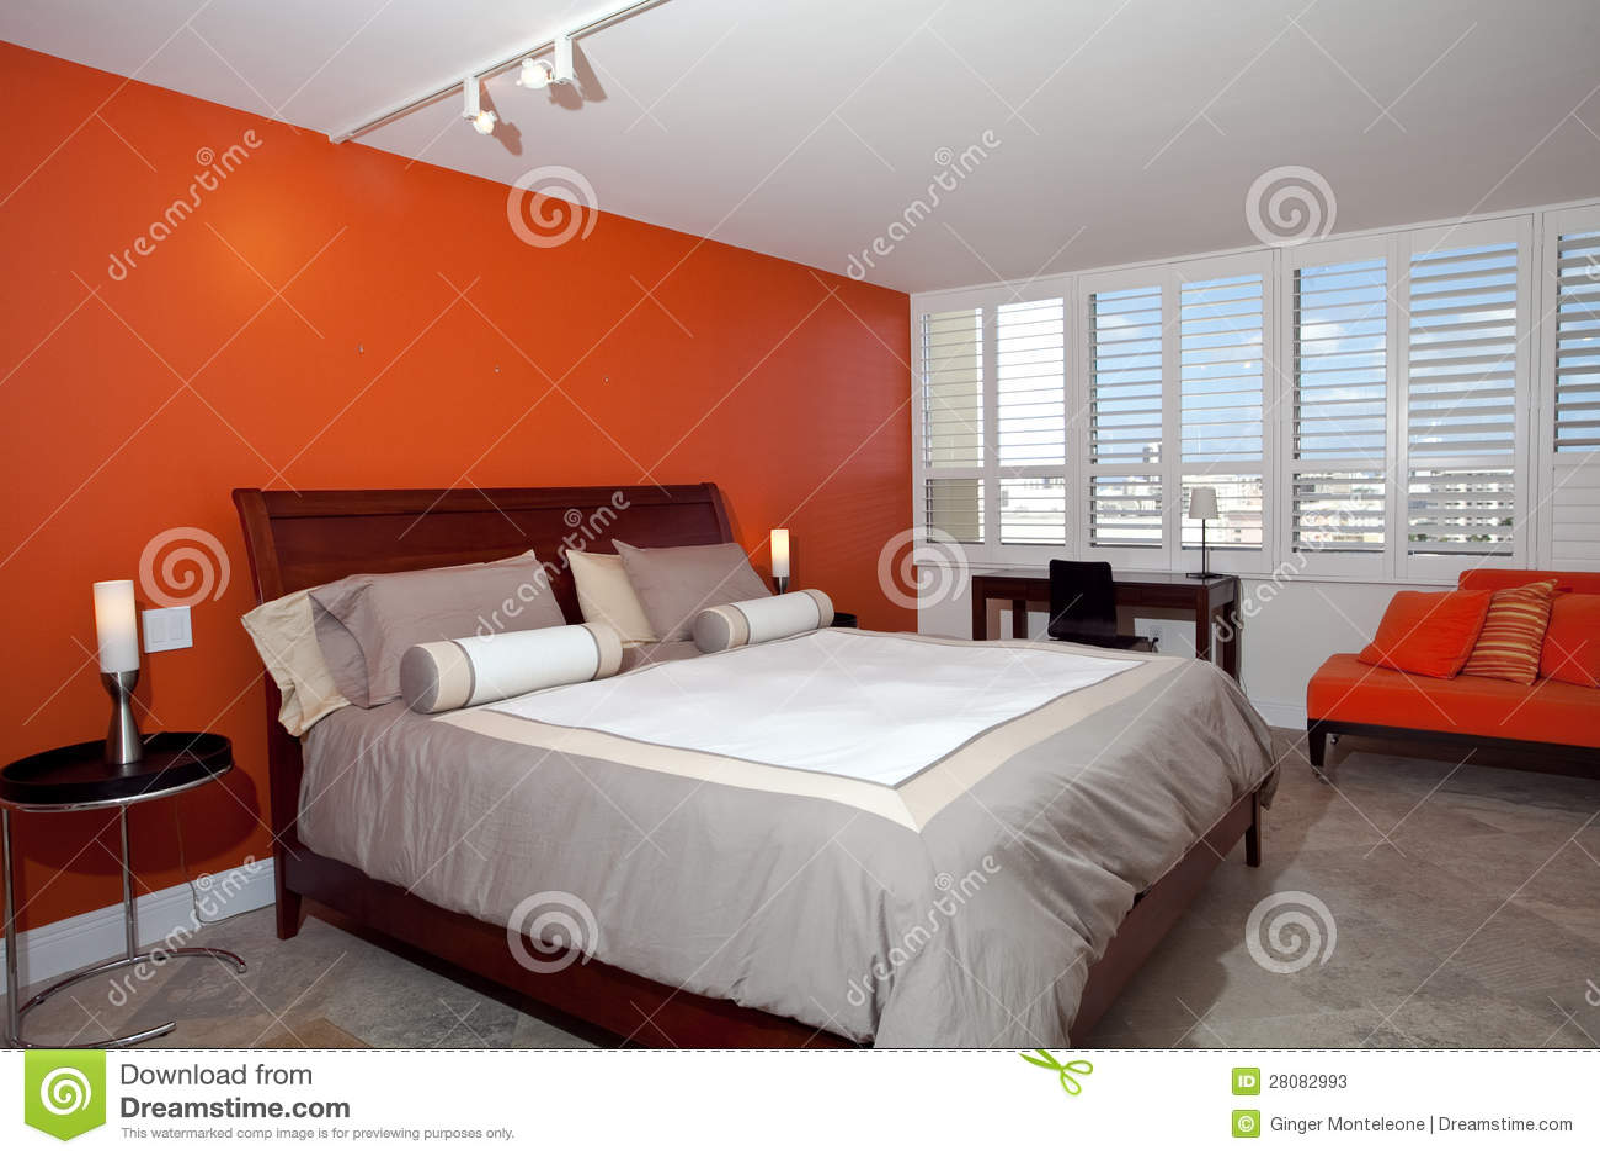 Schlafzimmer Mit Gebrannter Orange Wand Stockfotos - Bild: 28082993 Schlafzimmer Orange